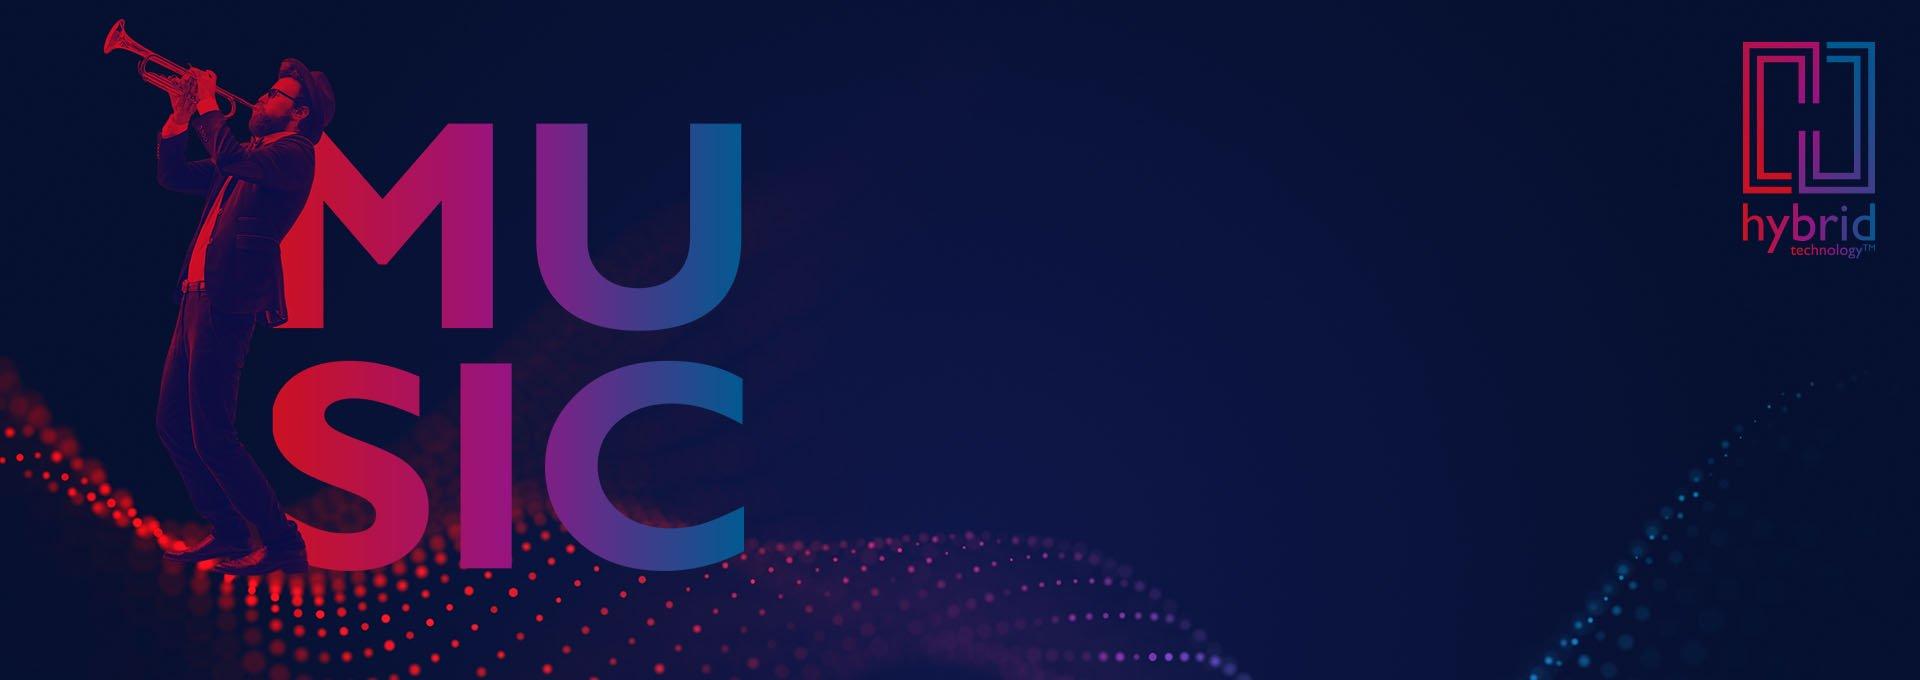 Rot-blaues Bild einer tanzenden Frau neben der MUSIC-Wortmarke, dem Bernafon Alpha Hybrid Technology Logo und der Klangwelle.